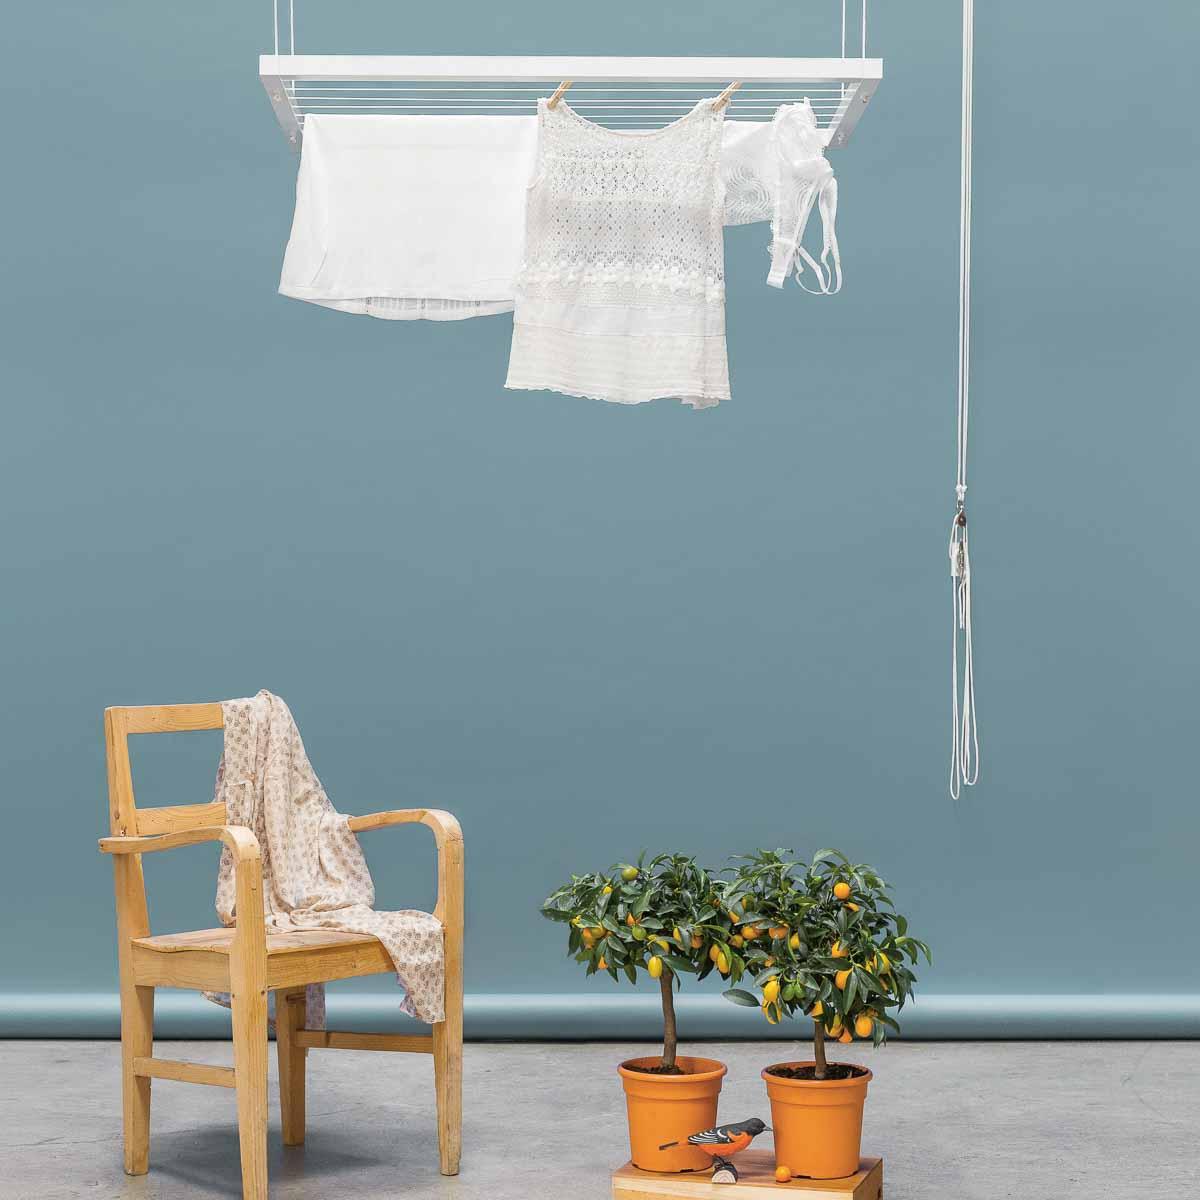 Wäscheständer Decke: Hangbird Wäscheständer Zur Befestigung Unter Der Decke